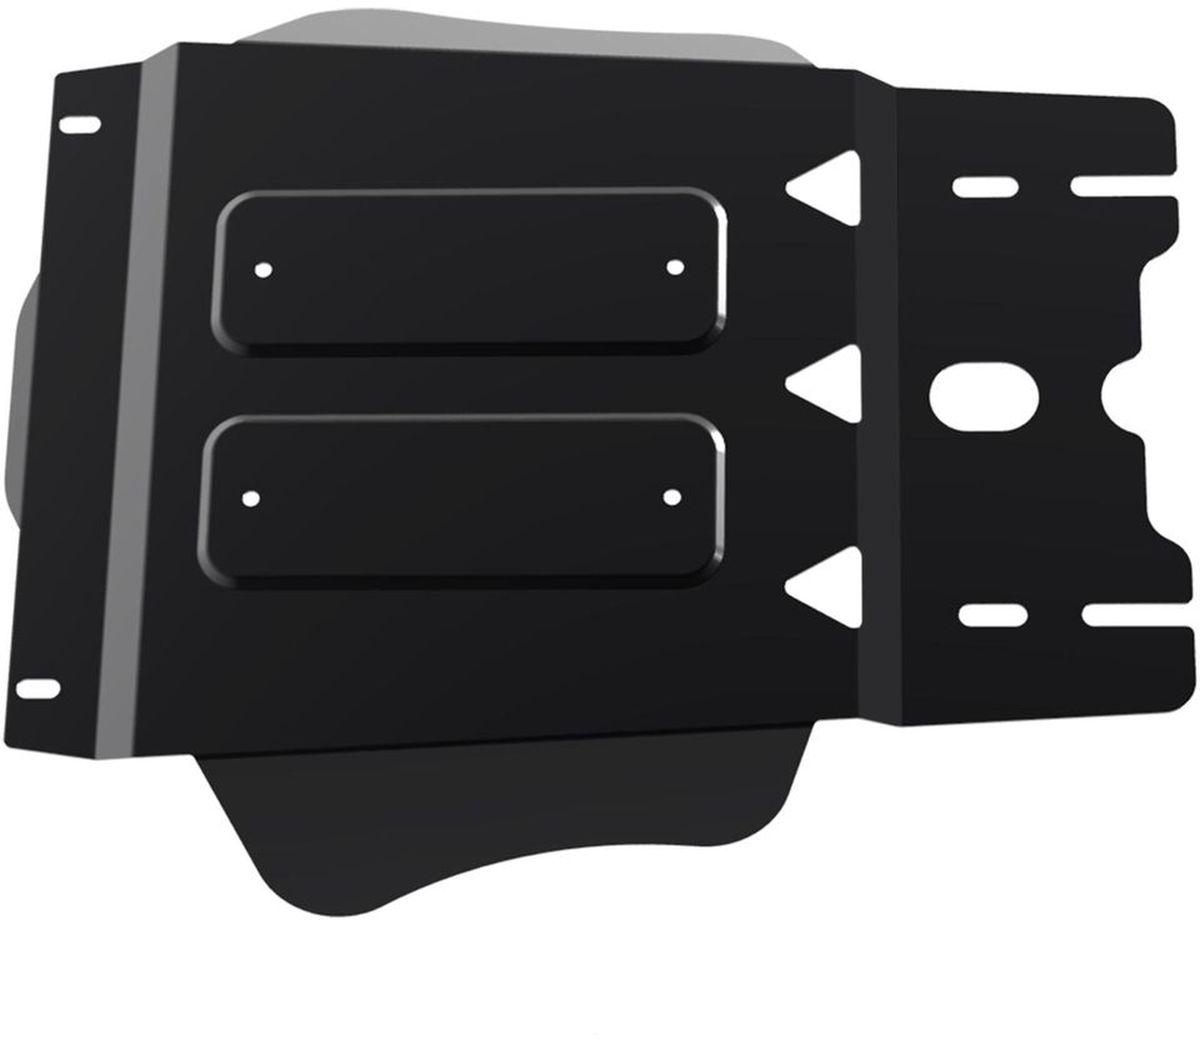 Защита КПП Автоброня Hyundai H1 2007-, сталь 2 мм111.02336.1Защита КПП Автоброня Hyundai H1 2007-, сталь 2 мм, комплект крепежа, 111.02336.1Дополнительно можно приобрести другие защитные элементы из комплекта: защита радиатора и картера - 111.02334.1, защита КПП ч.1 - 111.02335.1Стальные защиты Автоброня надежно защищают ваш автомобиль от повреждений при наезде на бордюры, выступающие канализационные люки, кромки поврежденного асфальта или при ремонте дорог, не говоря уже о загородных дорогах.- Имеют оптимальное соотношение цена-качество.- Спроектированы с учетом особенностей автомобиля, что делает установку удобной.- Защита устанавливается в штатные места кузова автомобиля.- Является надежной защитой для важных элементов на протяжении долгих лет.- Глубокий штамп дополнительно усиливает конструкцию защиты.- Подштамповка в местах крепления защищает крепеж от срезания.- Технологические отверстия там, где они необходимы для смены масла и слива воды, оборудованные заглушками, закрепленными на защите.Толщина стали 2 мм.В комплекте крепеж и инструкция по установке.Уважаемые клиенты!Обращаем ваше внимание на тот факт, что защита имеет форму, соответствующую модели данного автомобиля. Наличие глубокого штампа и лючков для смены фильтров/масла предусмотрено не на всех защитах. Фото служит для визуального восприятия товара.